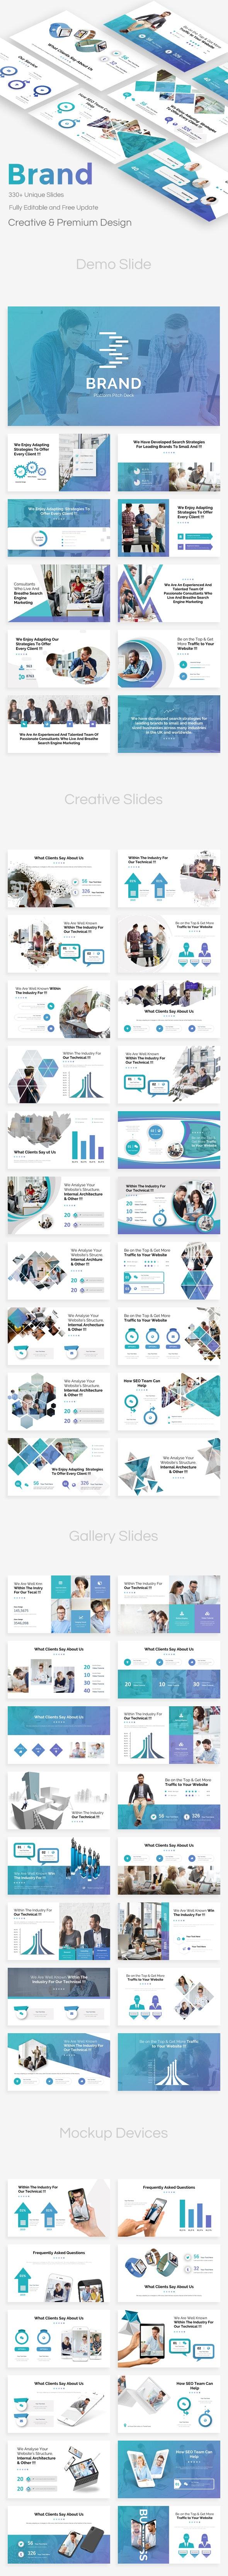 Brand Platform Pitch Deck Google Slide Template - Google Slides Presentation Templates